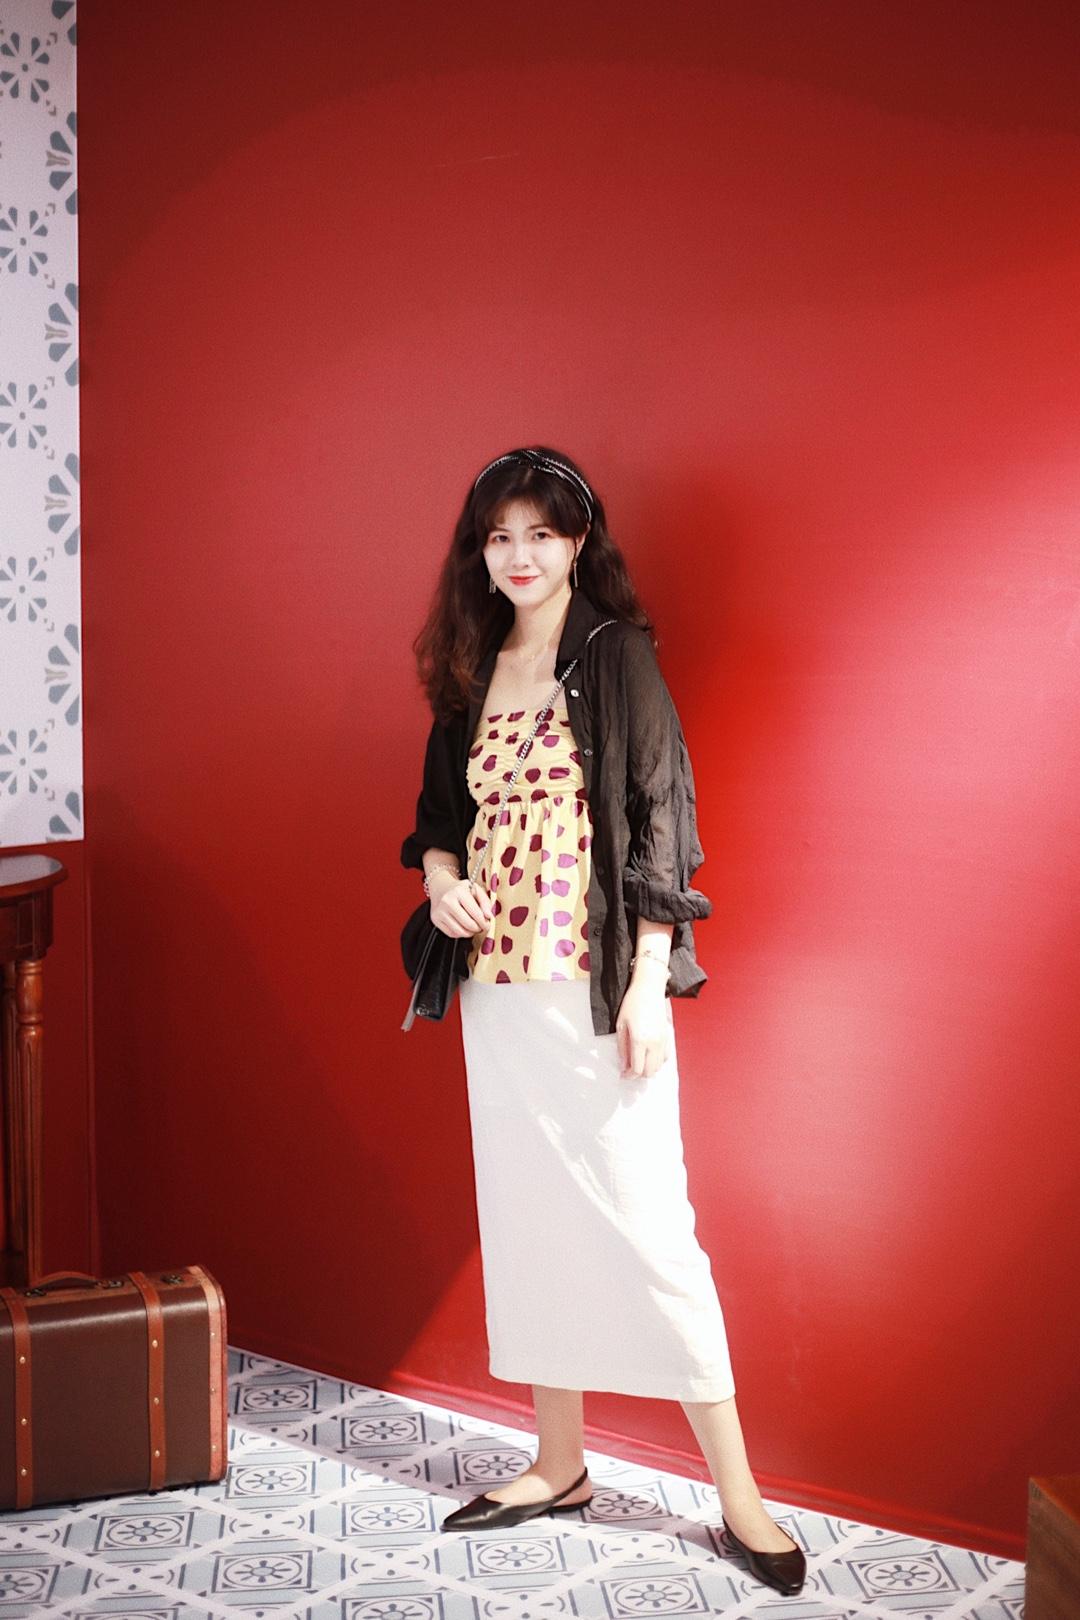 【阿徐今天穿什么】走在老上海的复古风 · ⭐ 身高162cm 体重常年54-57kg之间浮动 ⭐ 肉肉主要集中在腹部和大腿 ⭐ 号码:M/L · 🤩  今日LOOK 复古港式风 · 💕 在网上看到这个复古布景 脑内风暴了一轮就想到这个搭配 波点和七八十年代的老上海风情简直不要太搭 搭配黑色衬衫➕白色长裙遮肉又显瘦 复古风里发带的点缀也很重要 耳饰是简单复古的显脸小款 💕 穿上这一套约会、上班、度假也无压力 走在春夏秋三个季节也毫无违和感 💕 · 今天穿什么❓ 关注【滚滚大妹阿徐】解锁更多穿搭~ 遮肉秘诀 夏日穿搭 每日穿搭 日常穿搭 时尚穿搭 上班穿搭 搭配参考 搭配灵感 #初秋藏肉第一课,超显瘦!#